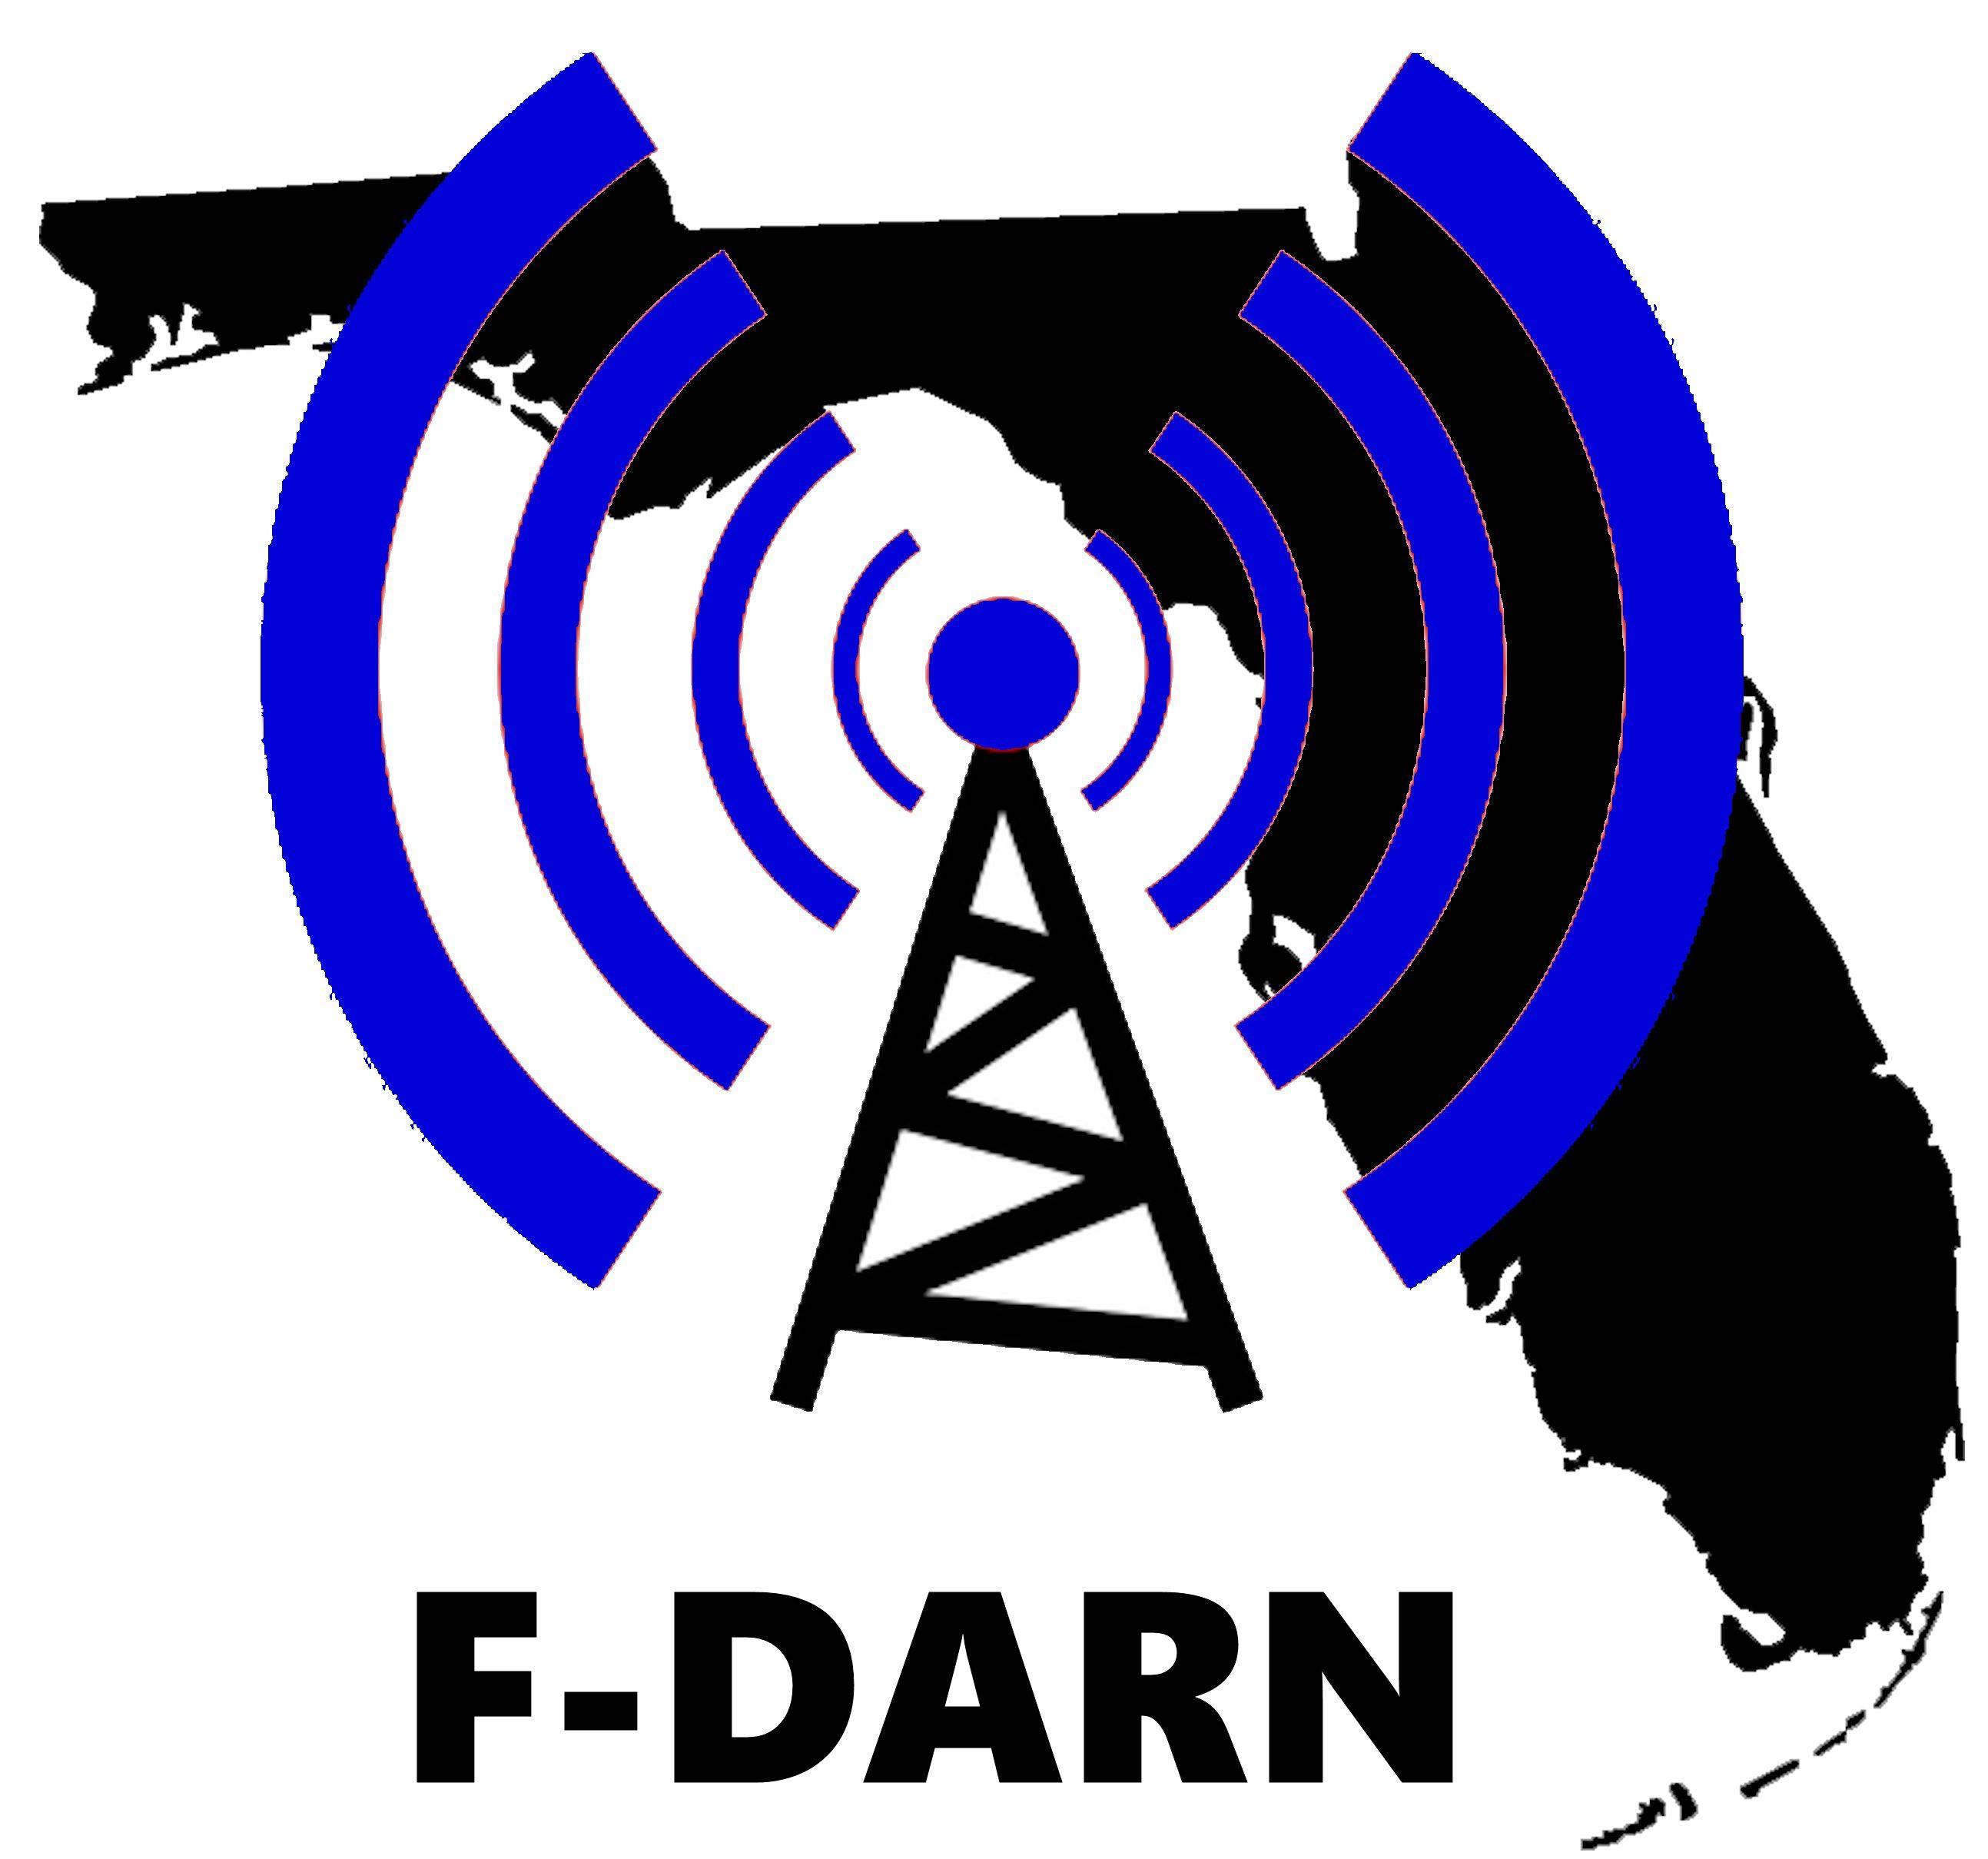 Florida Digital Amateur Radio Network